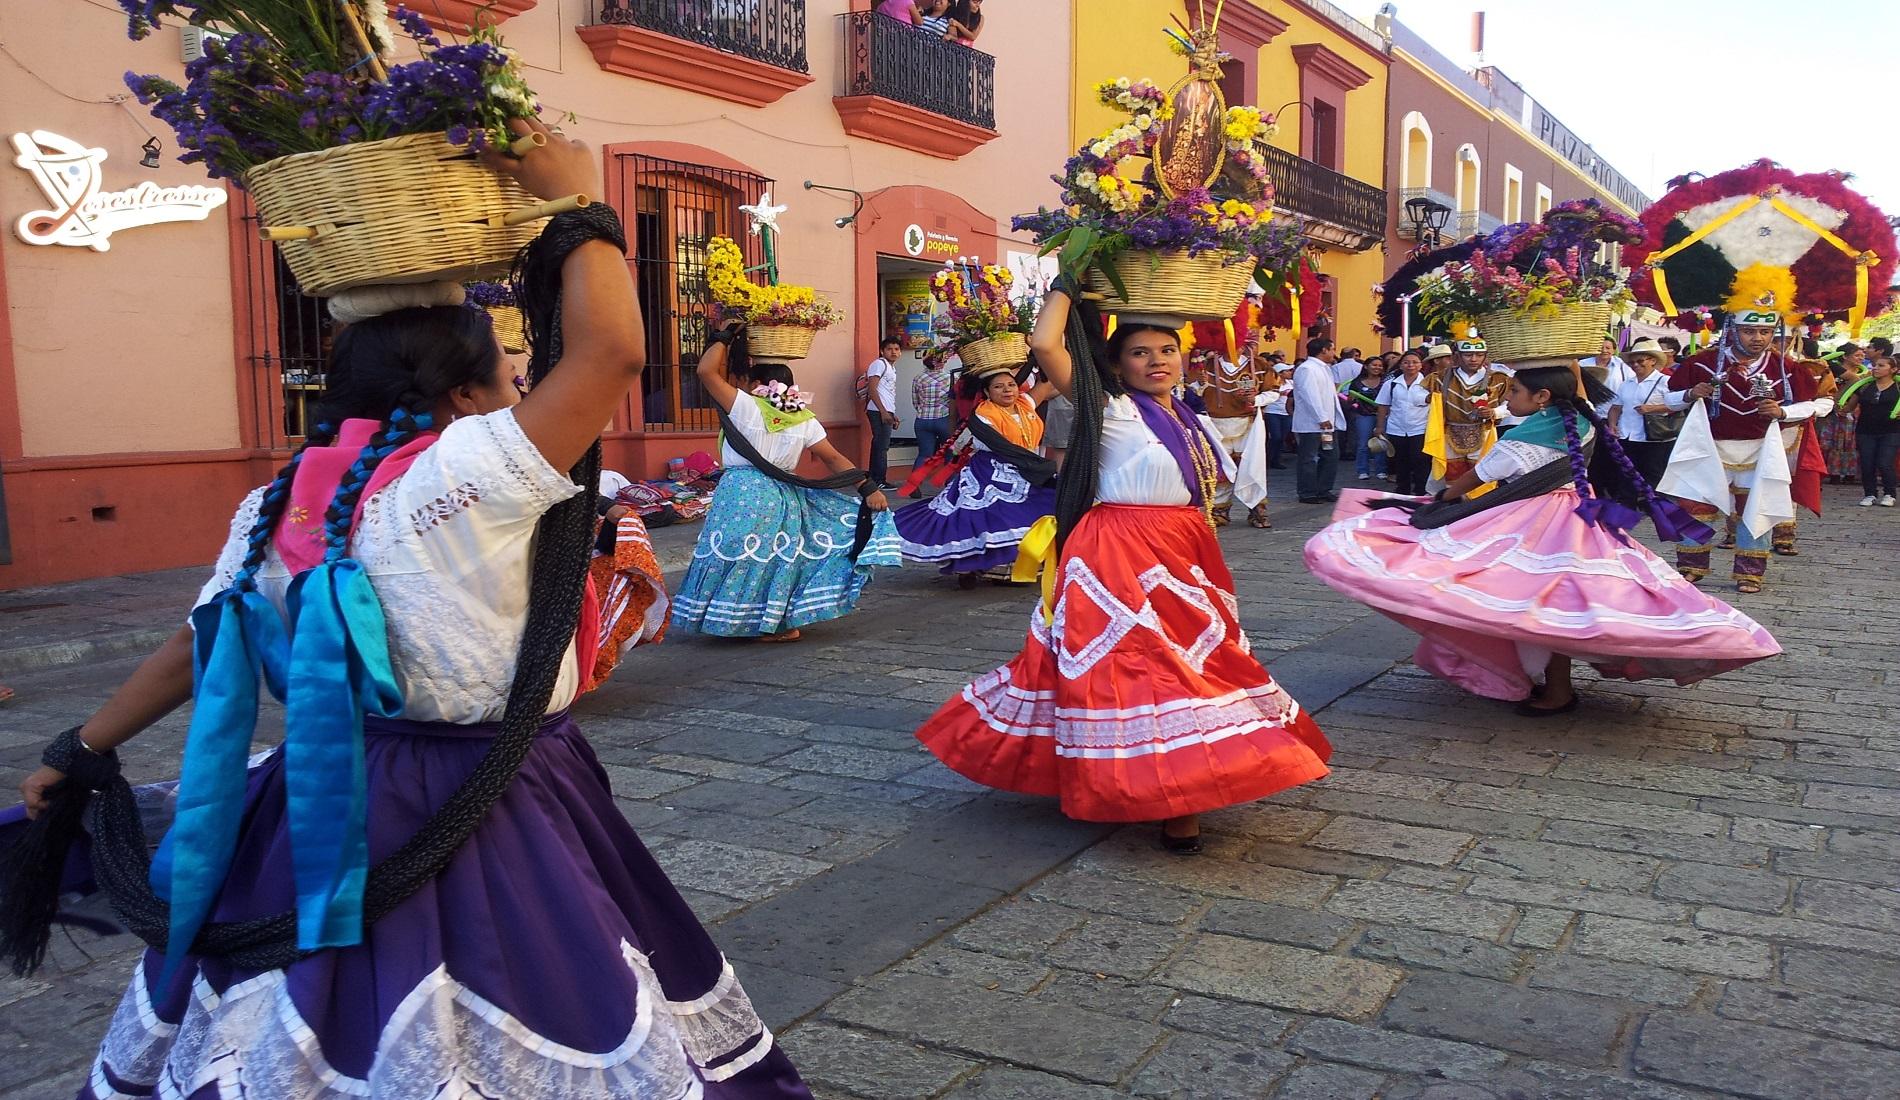 lokaal dans centrum Oxaca